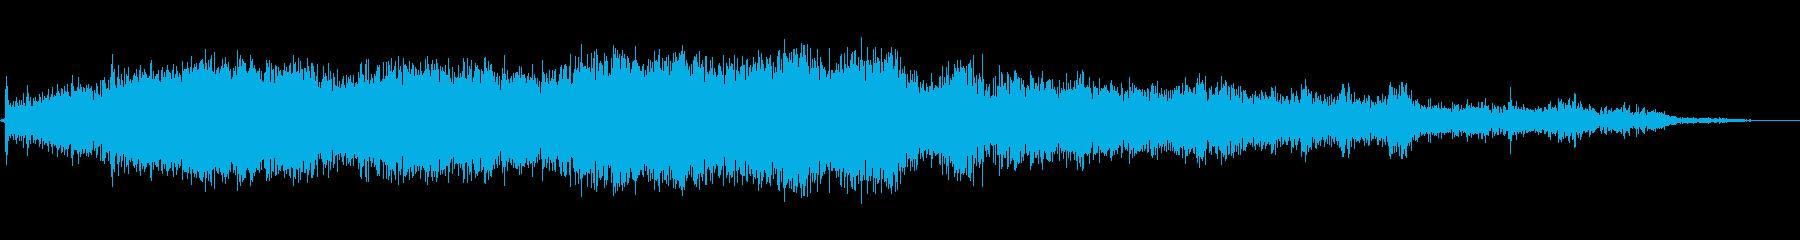 デルタロケット打ち上げ、SCI F...の再生済みの波形